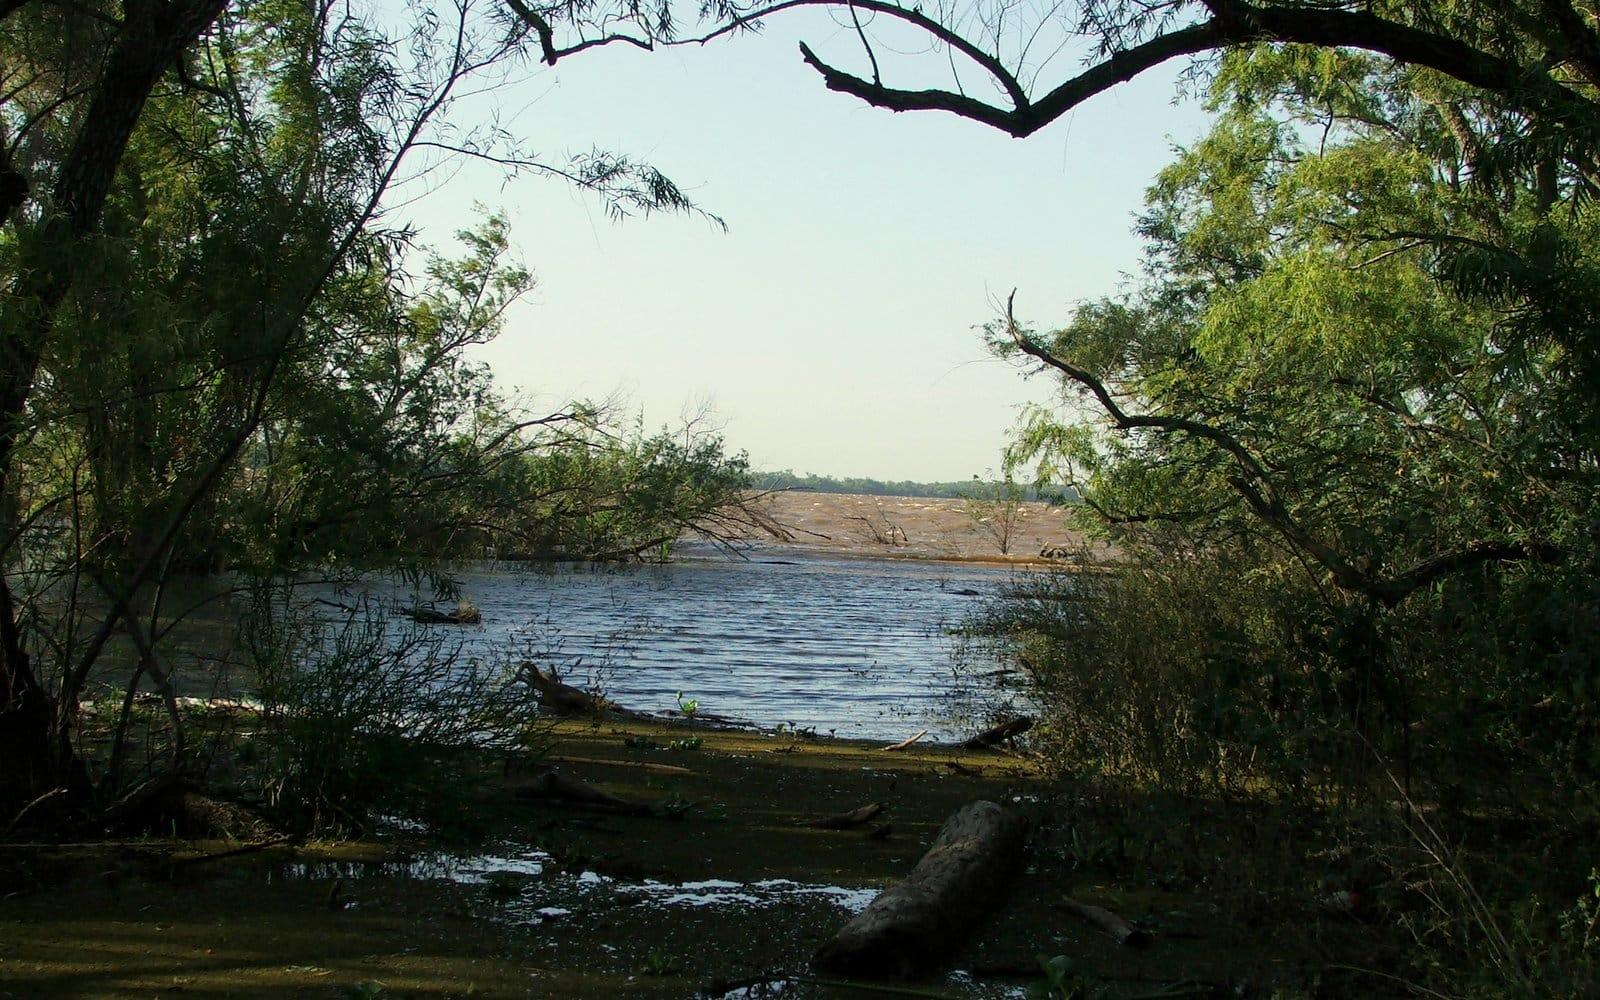 Parque Nacional Islas de Santa Fe, parquesnacionales.gob.ar